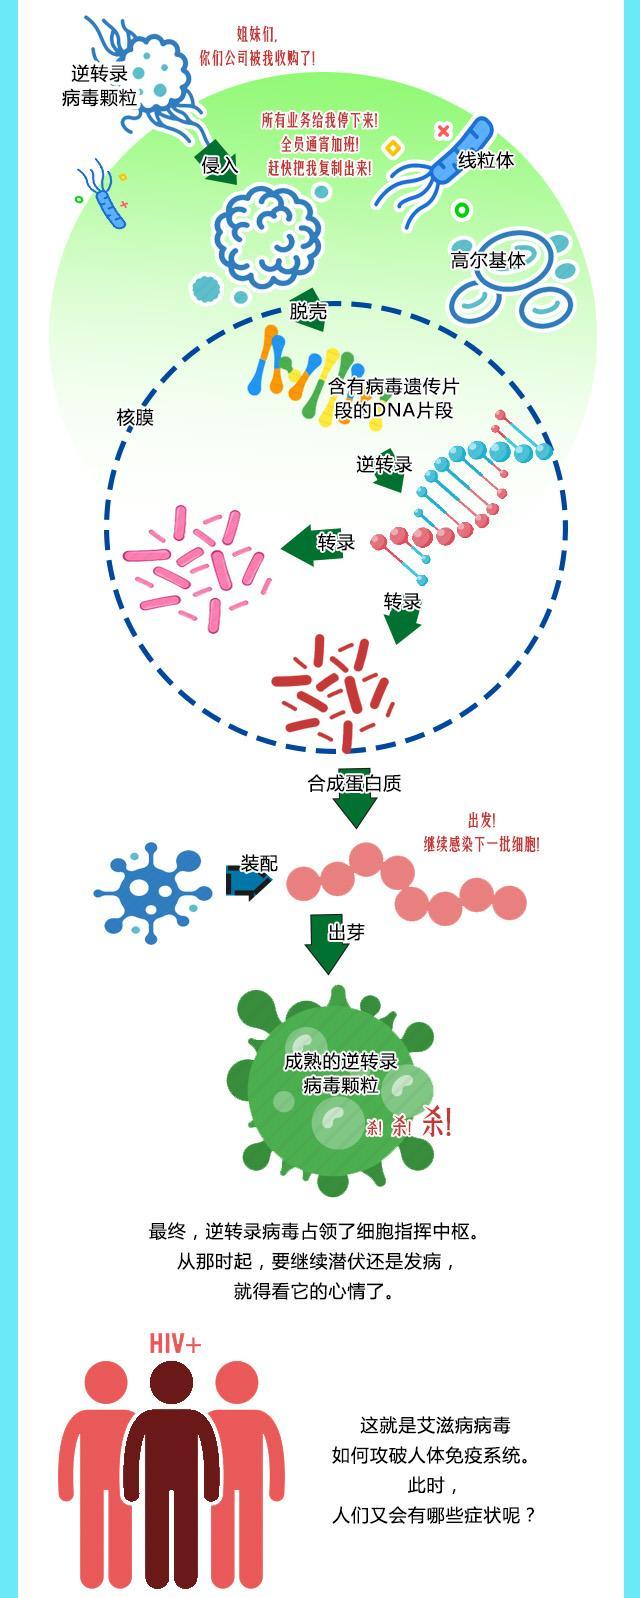 中国艾滋病人多吗_全国125万艾滋病患者:若出现这6种现象,无论男女都该去做个血 ...